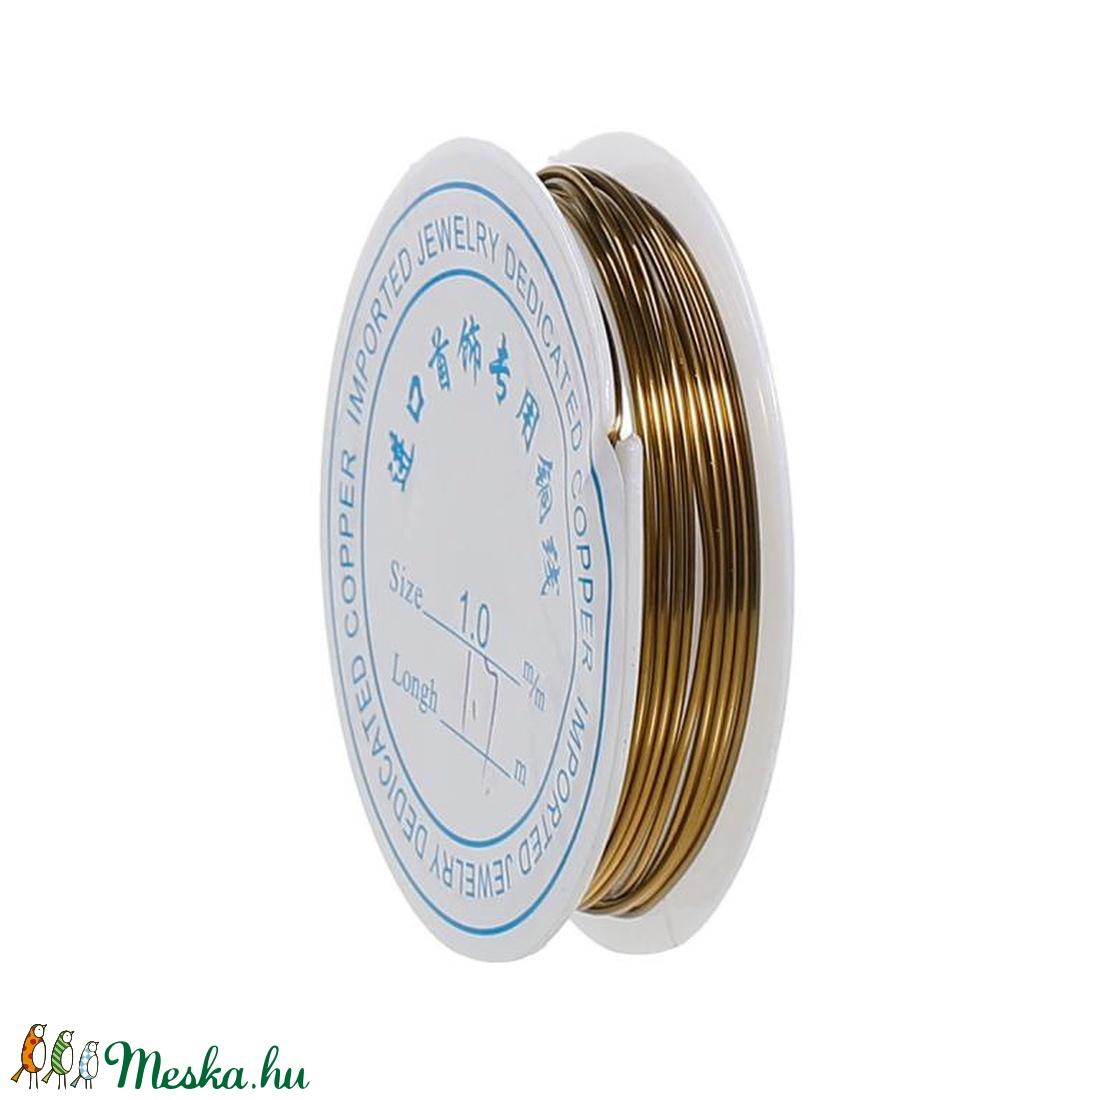 Ékszerdrót (� 1,0 mm/1 db) - bronz - gyöngy, ékszerkellék - drót - Meska.hu